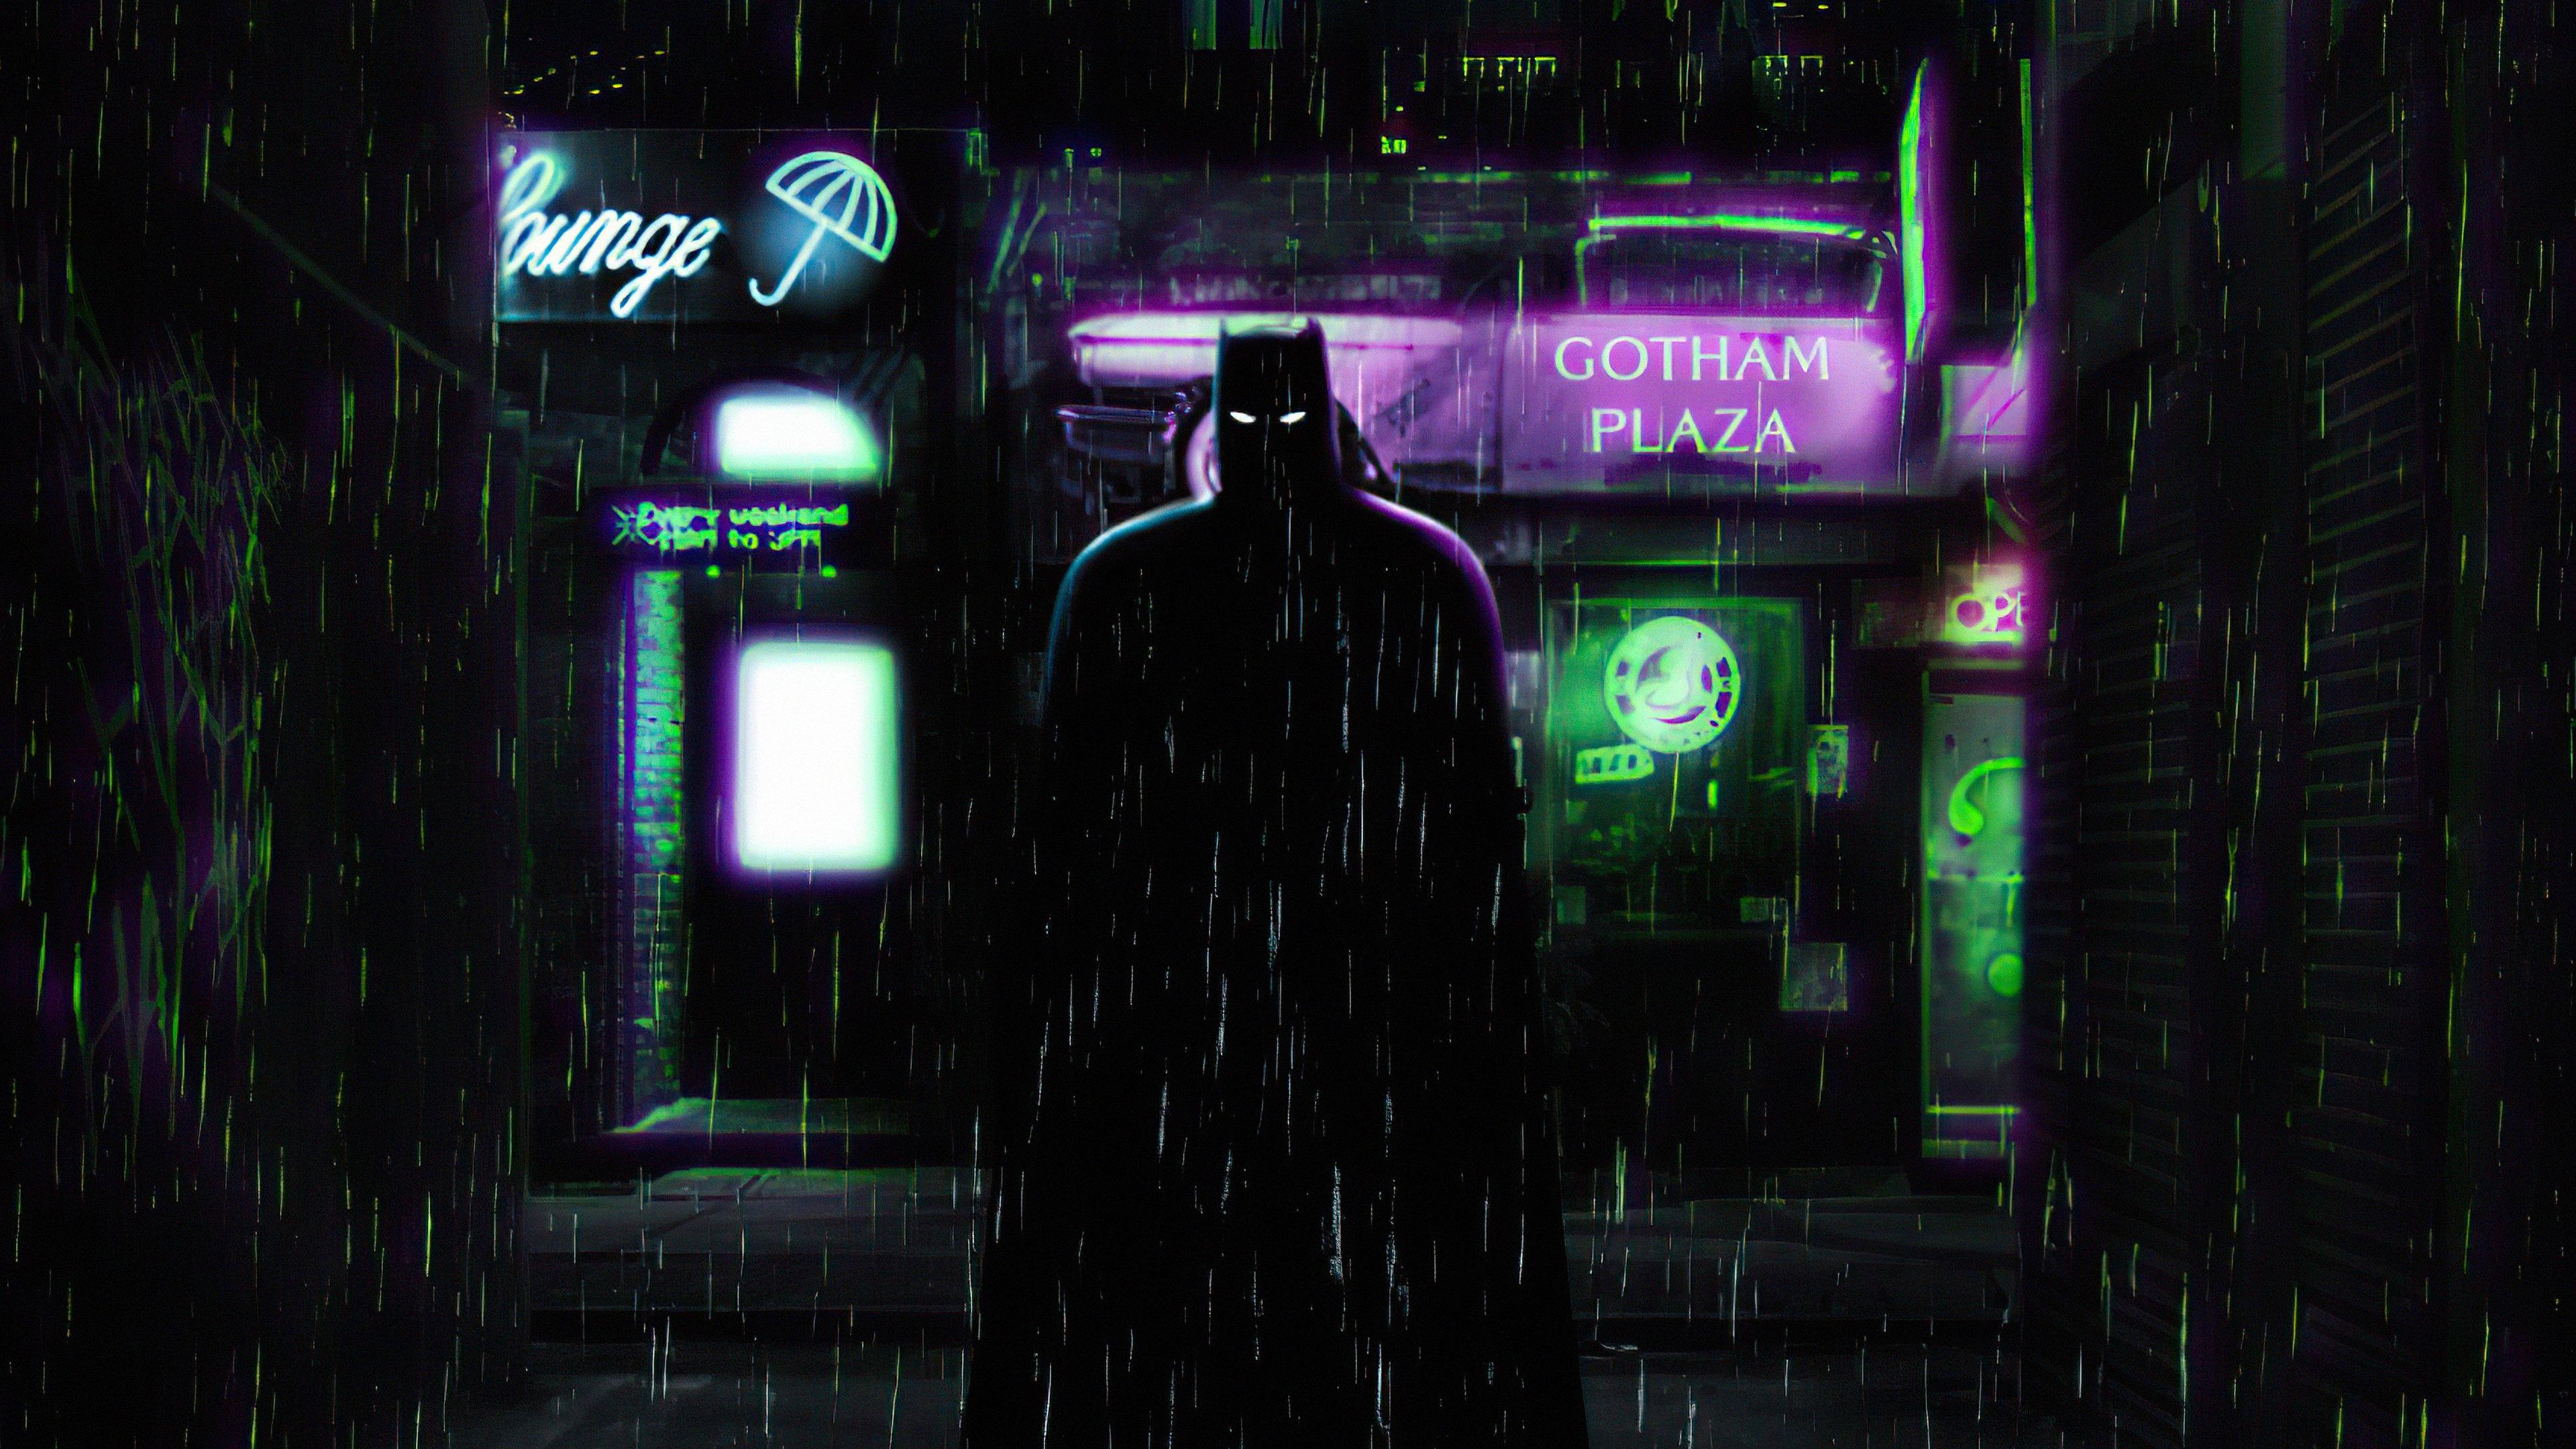 Wallpaper The Batman alleyway